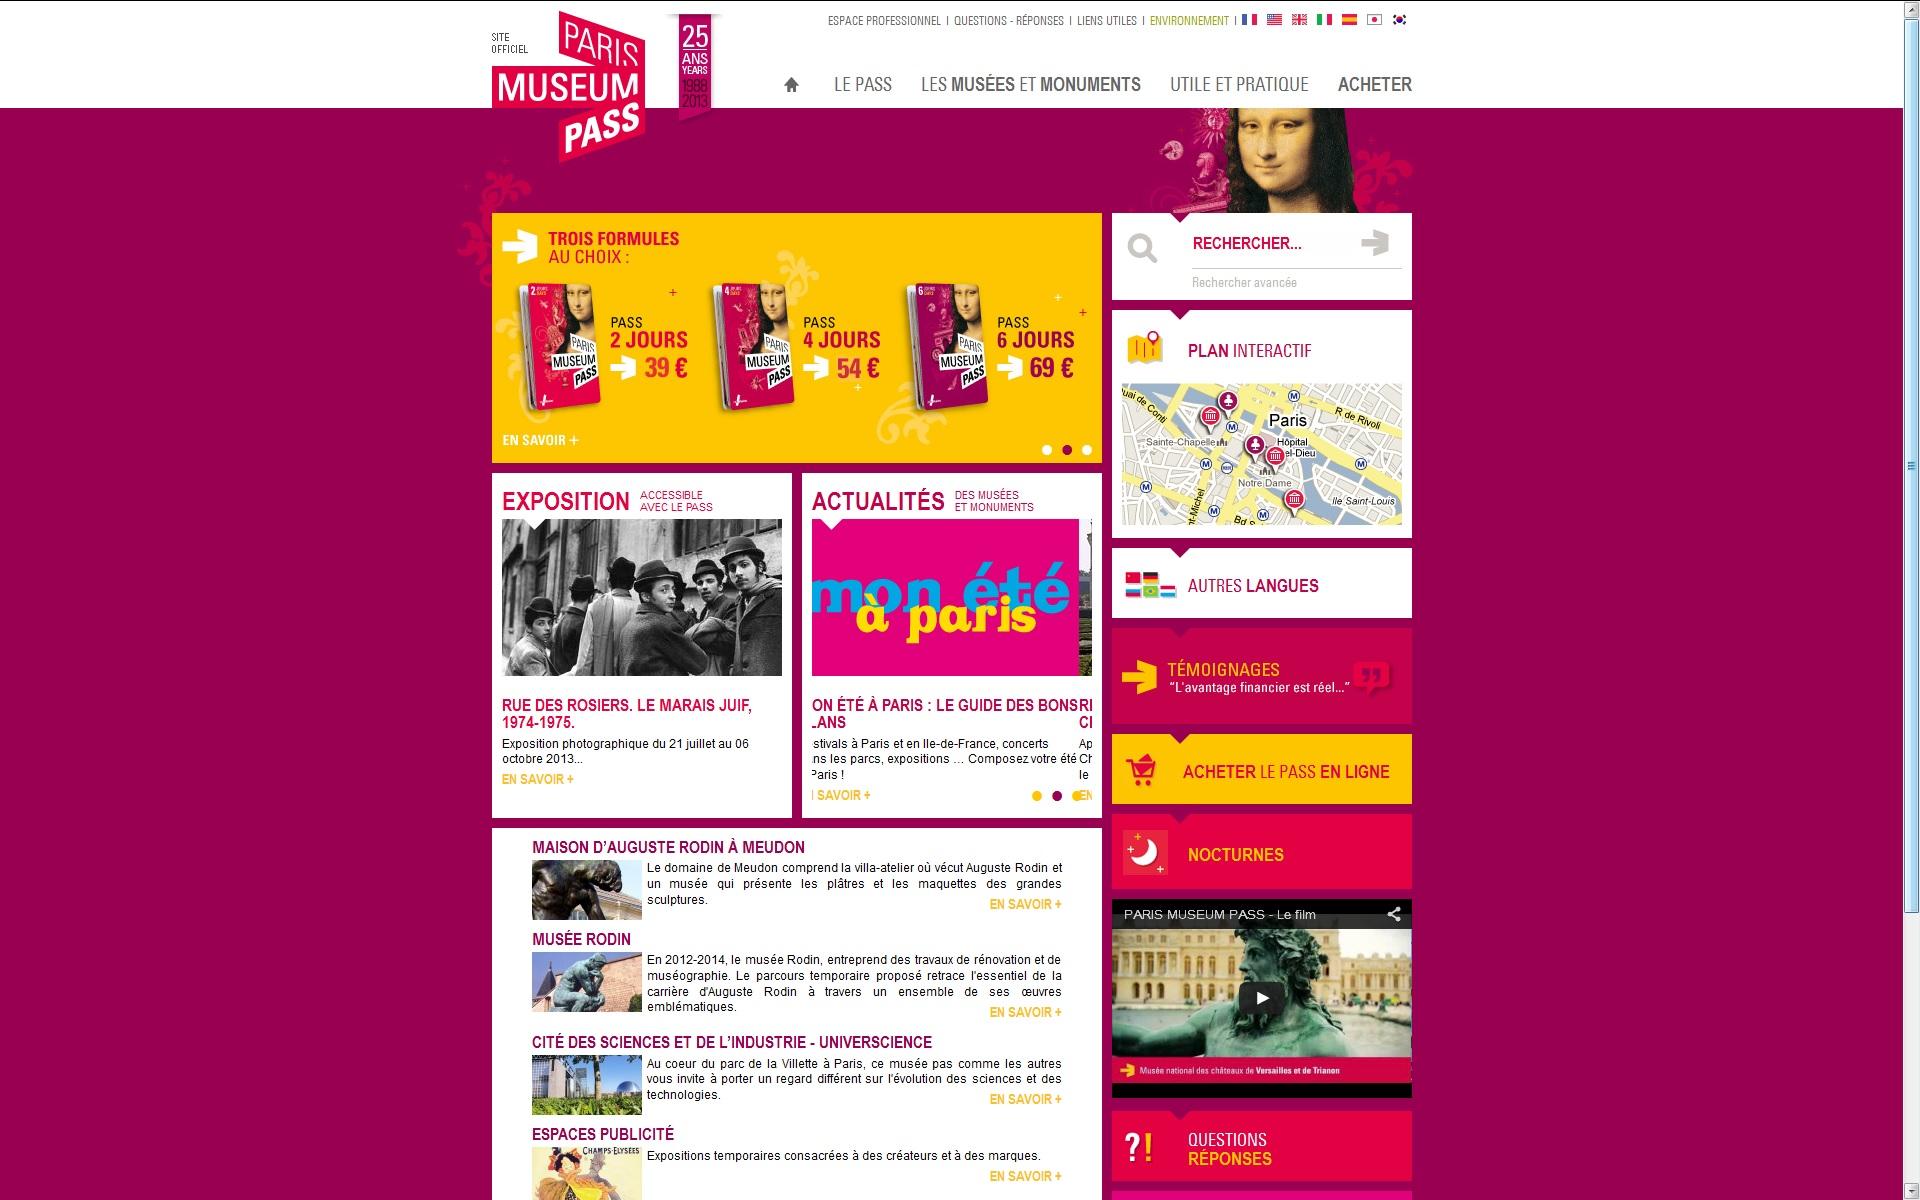 Сайт-гид по музеям Парижа.